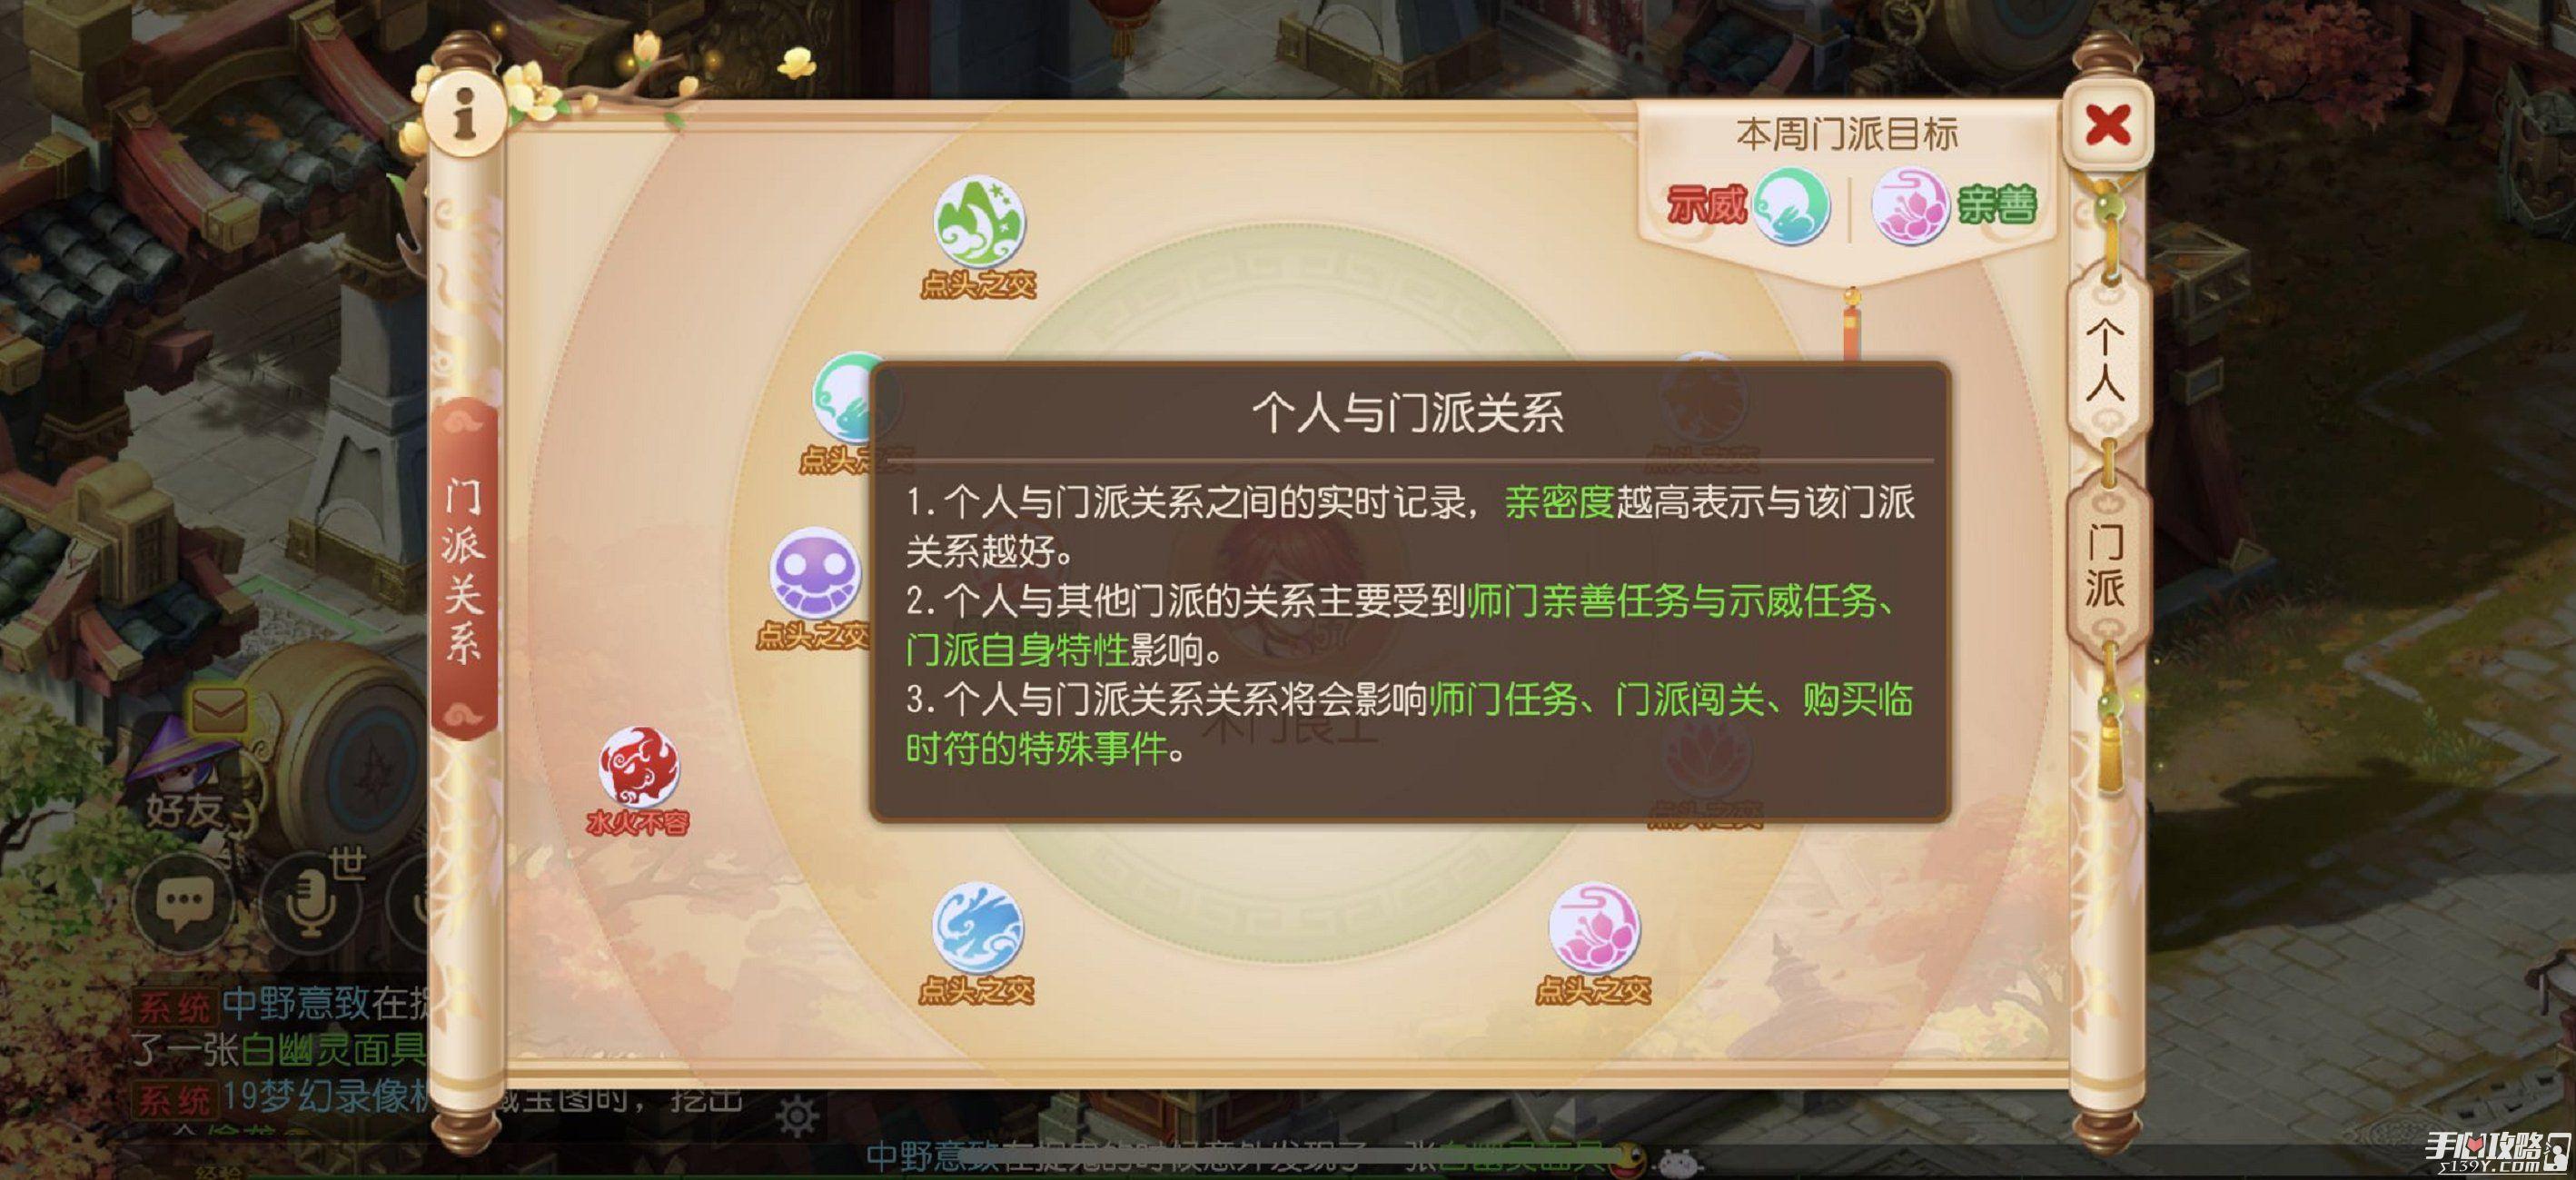 《梦幻西游》手游全新师门任务上线 门派关系由你决定2